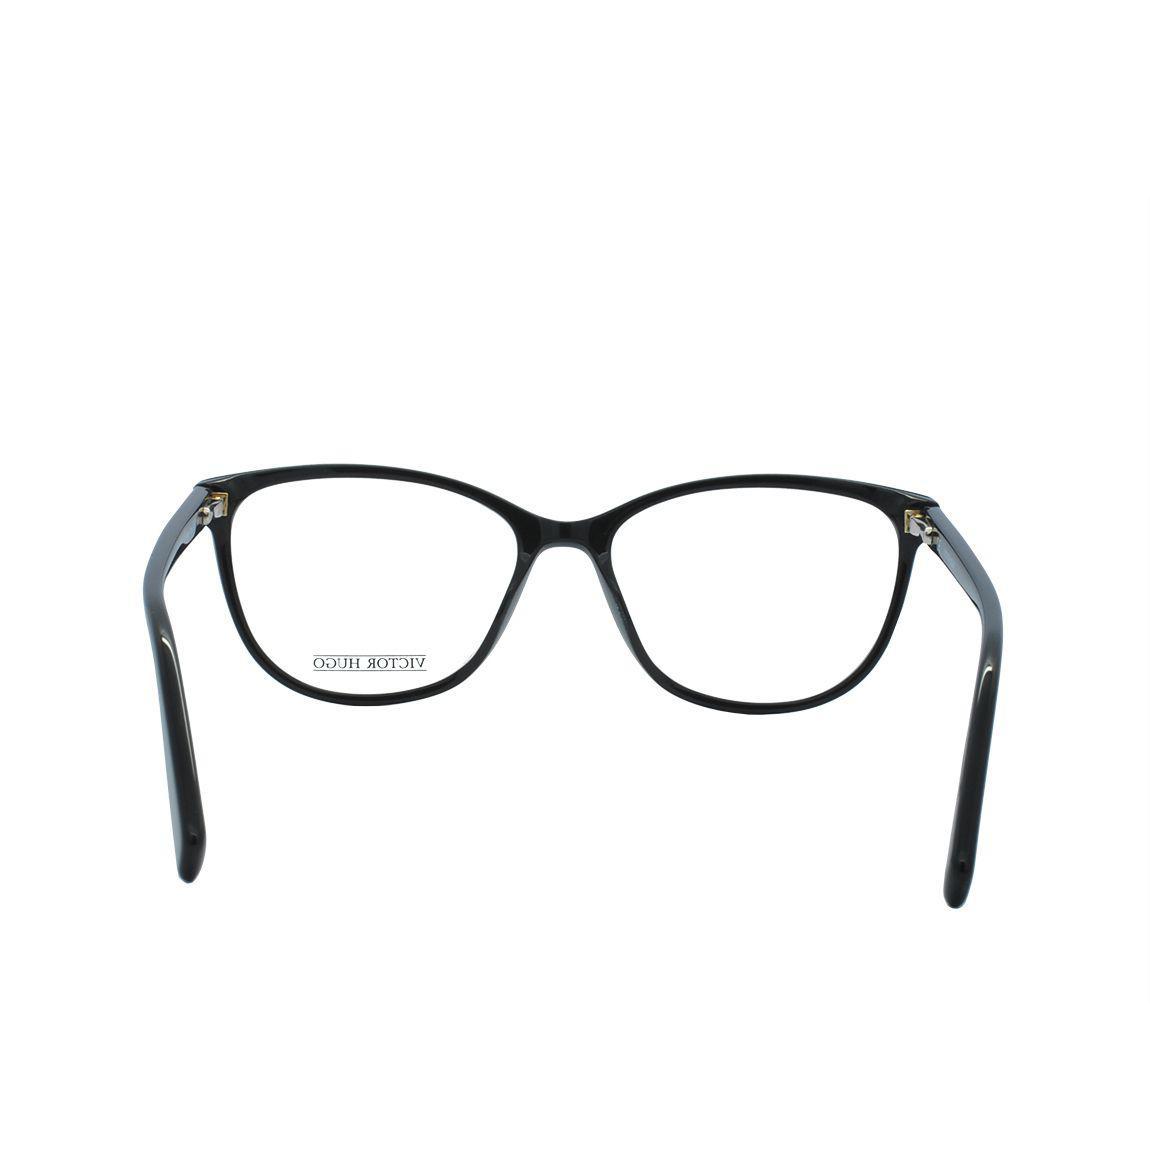 7ea8f79f39b55 Óculos de Grau Victor Hugo Feminino VH1769 0700 - Acetato Preto R  748